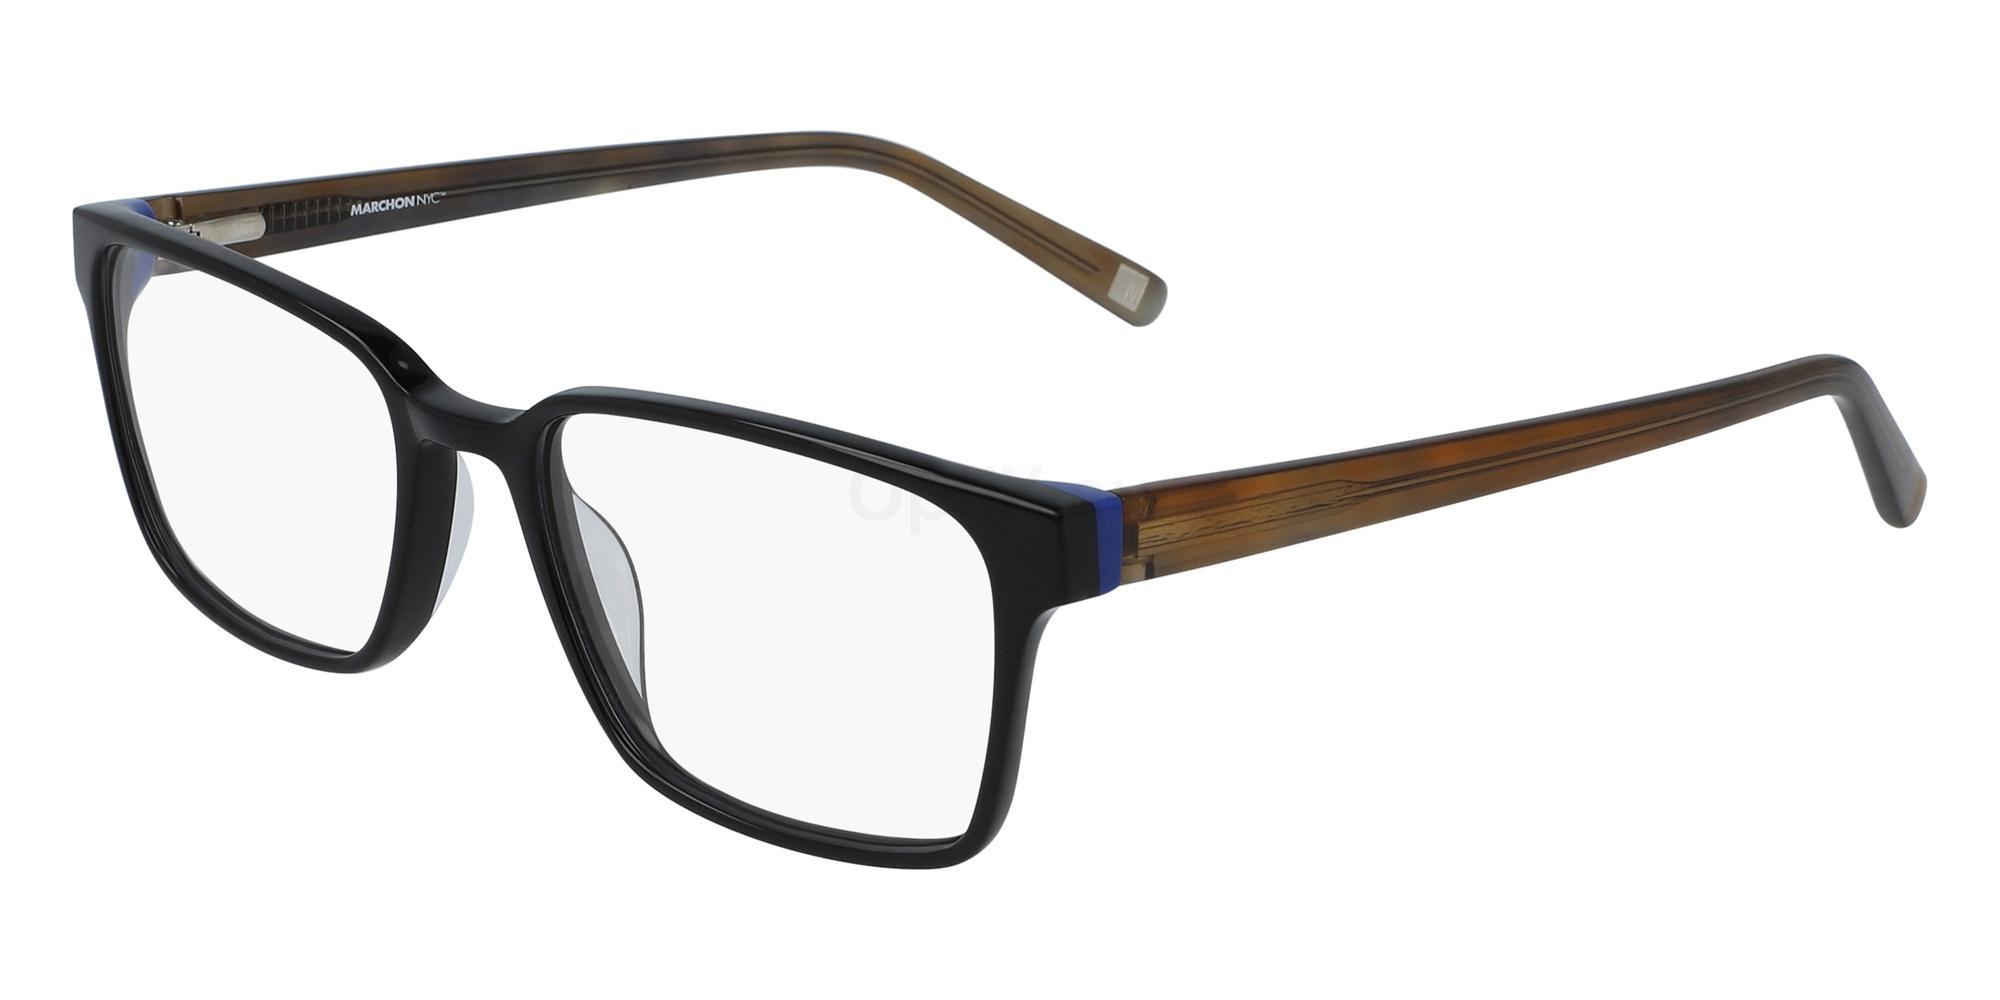 001 M-3007 Glasses, Marchon